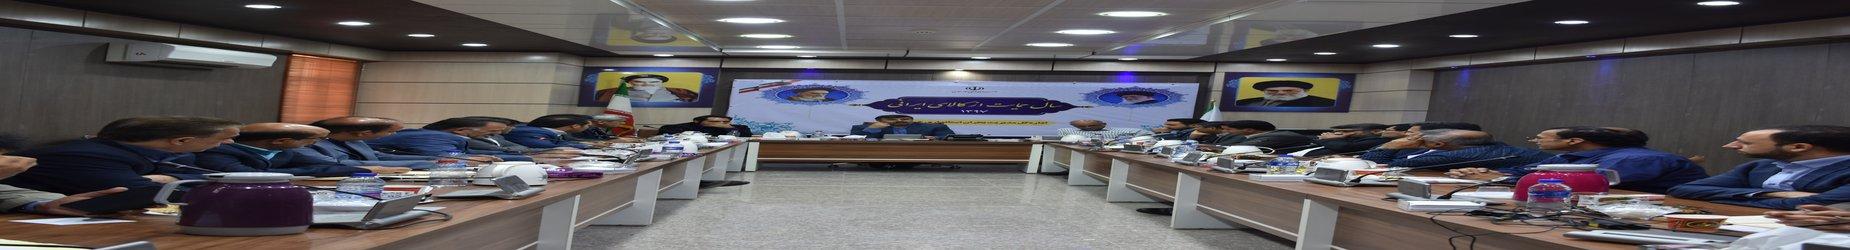 نسبت به زیرساختهای خوزستان مسکنی عمل شده است